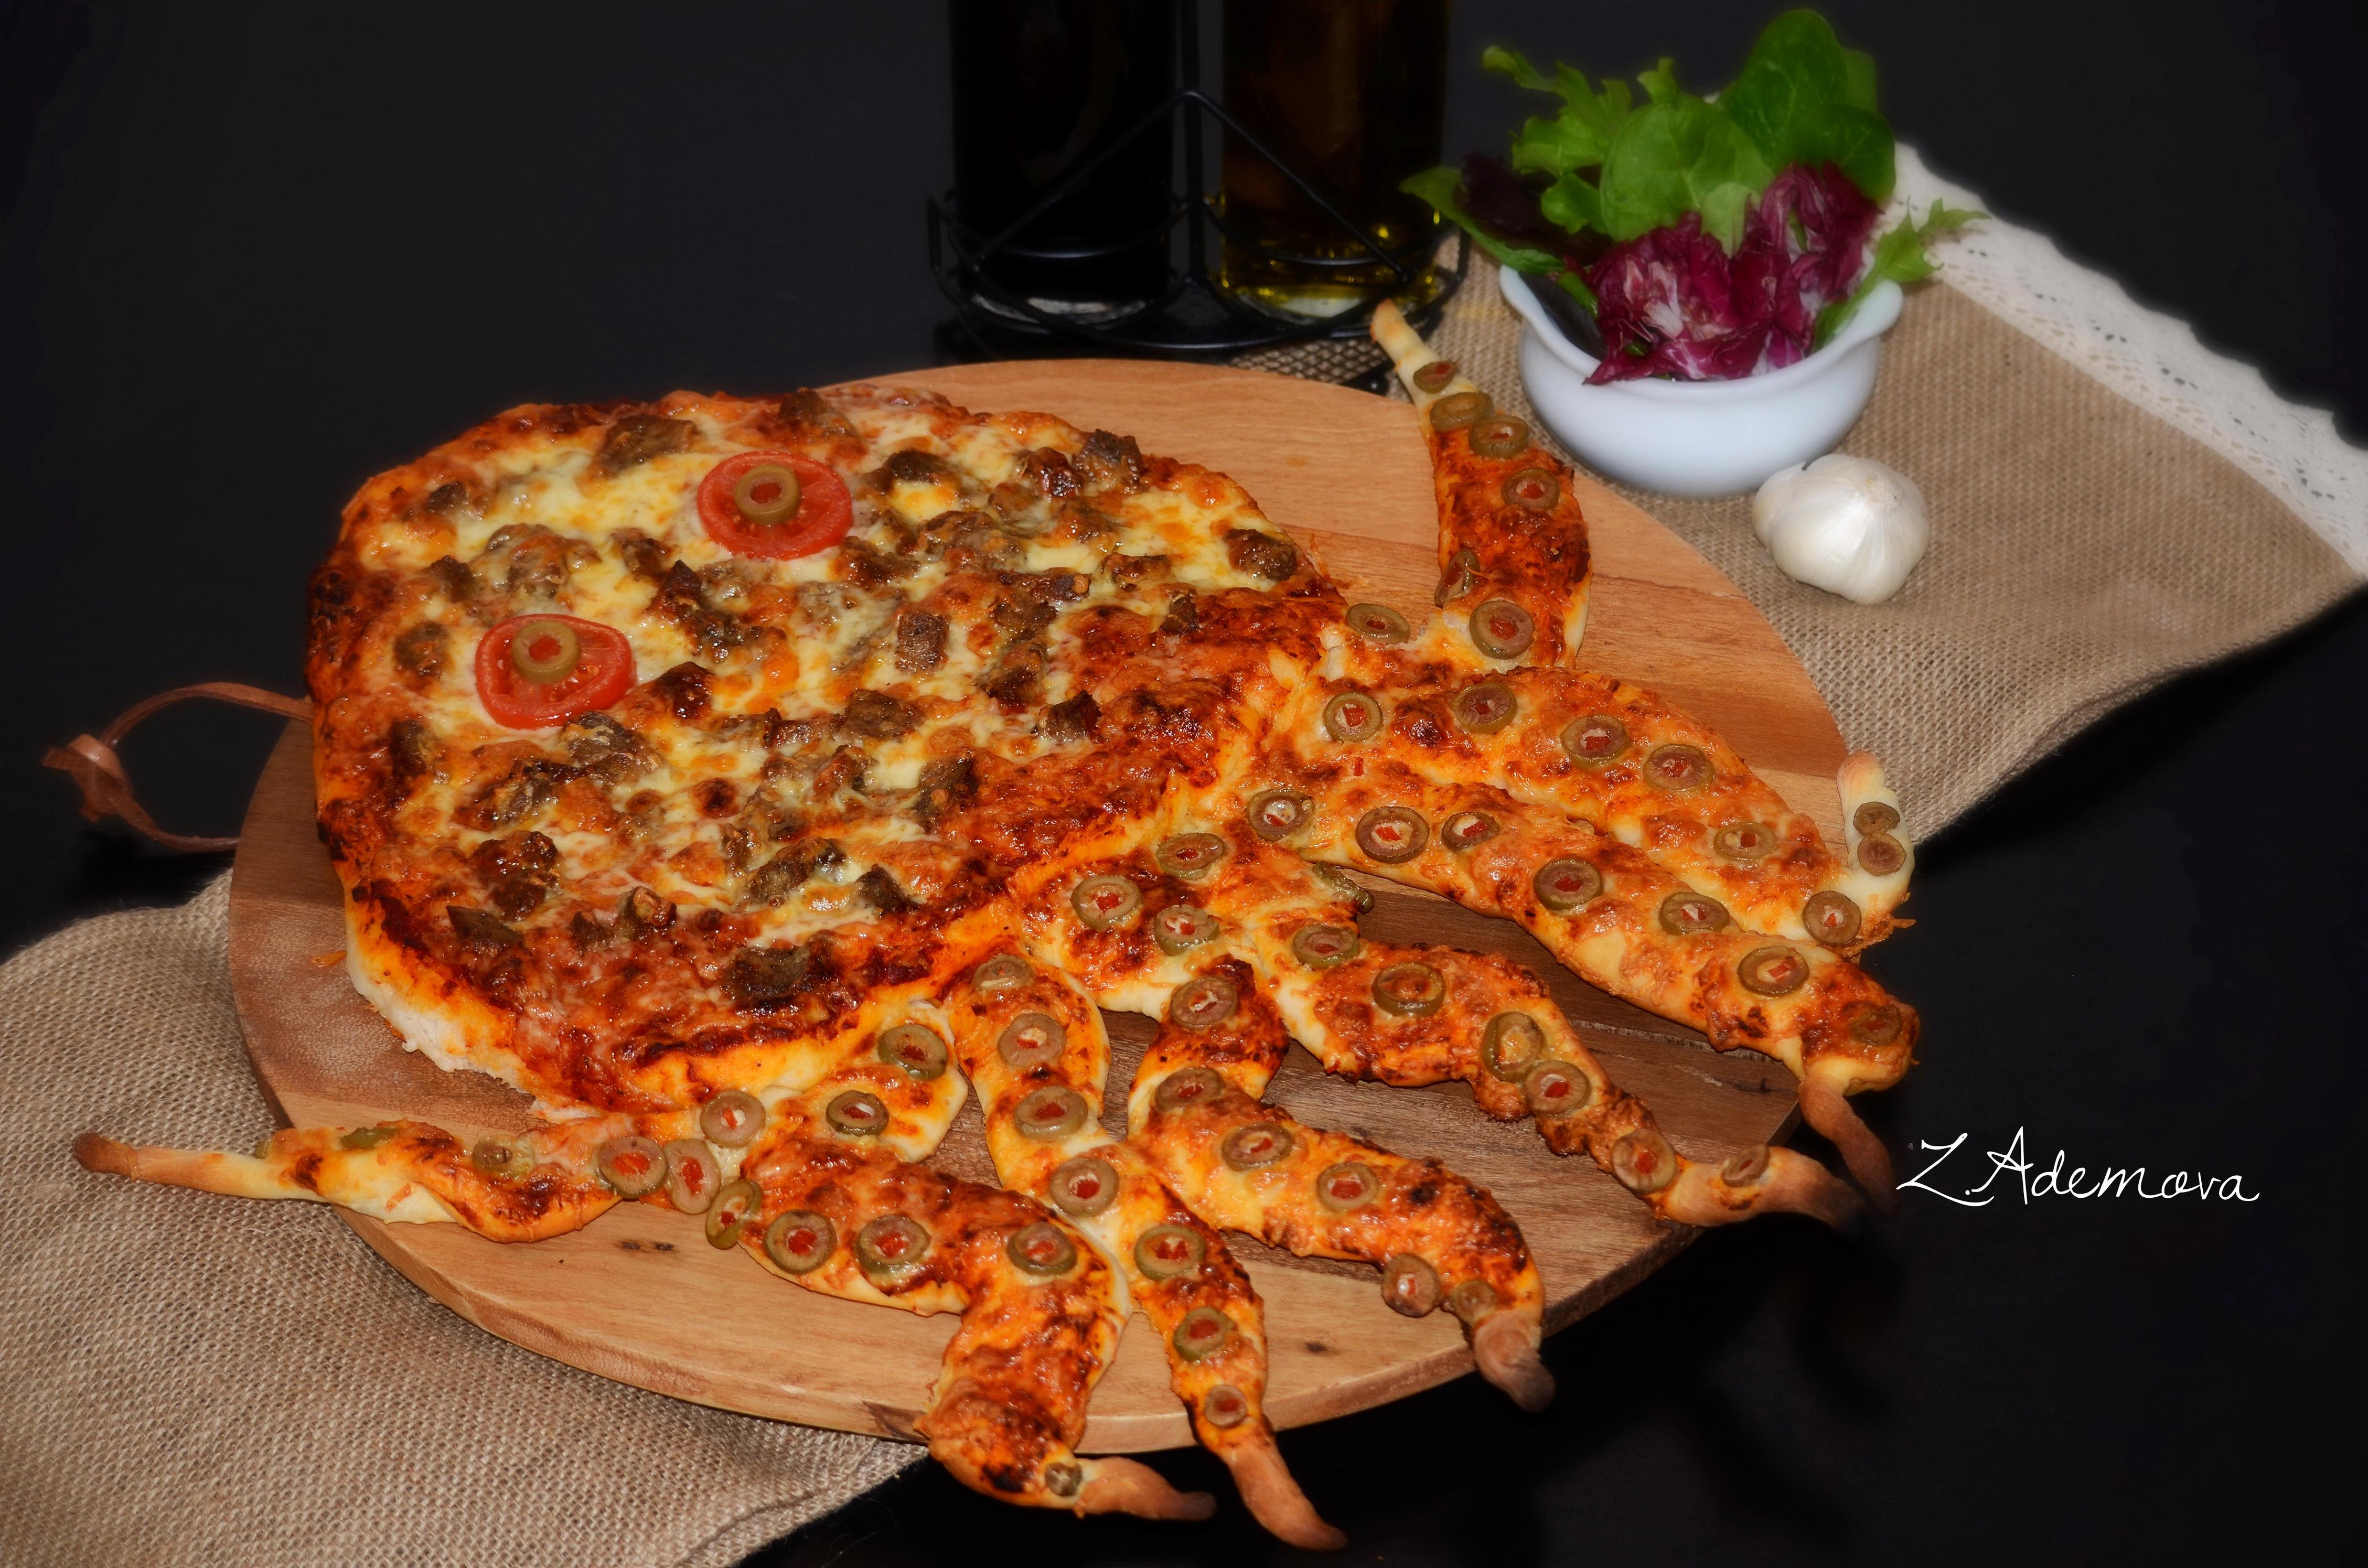 Фото Еда Пицца Быстрое питание Базилик душистый Пища Продукты питания Фастфуд